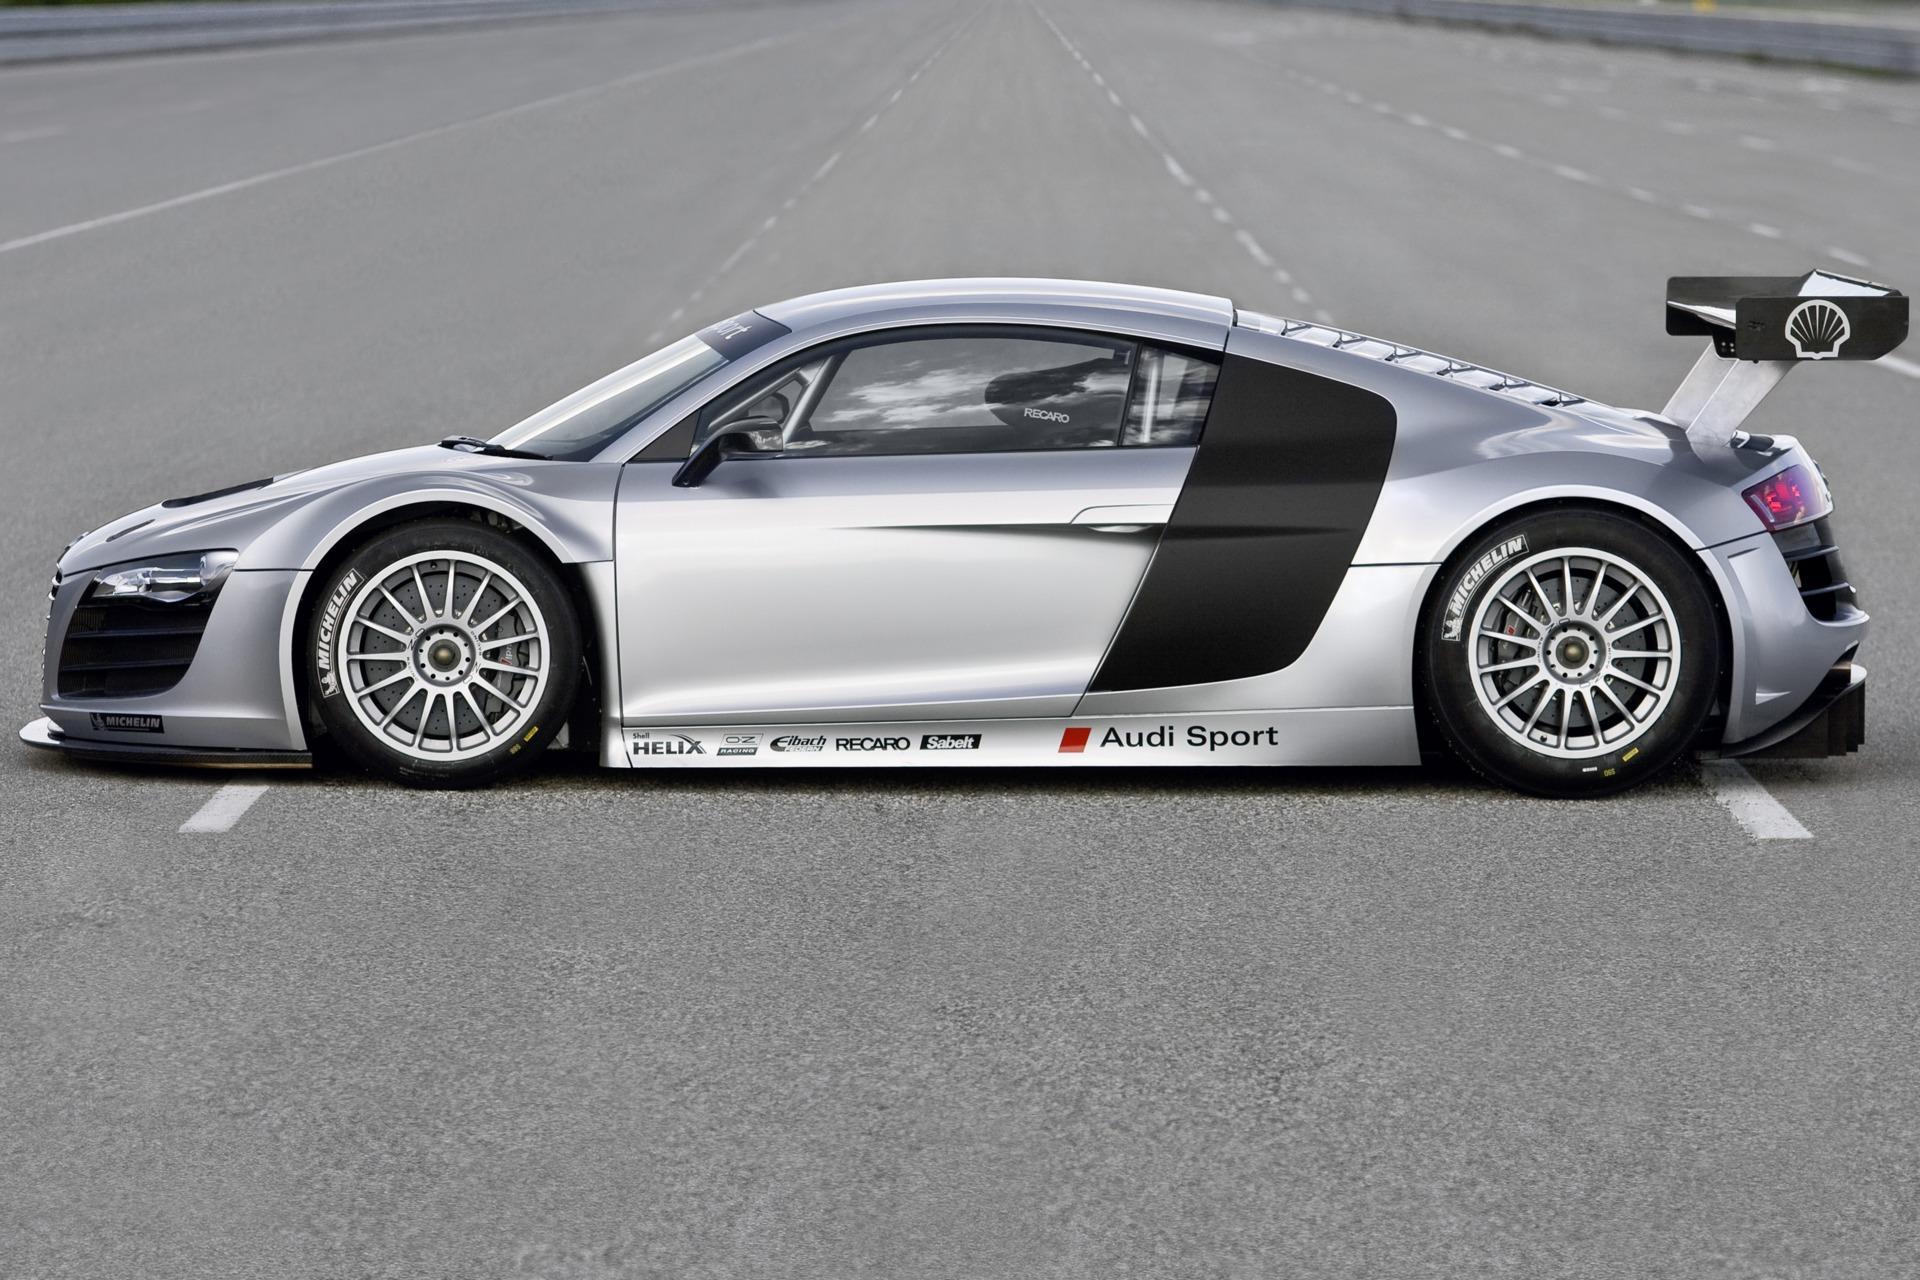 Kelebihan Kekurangan Audi R8 Gt3 Tangguh